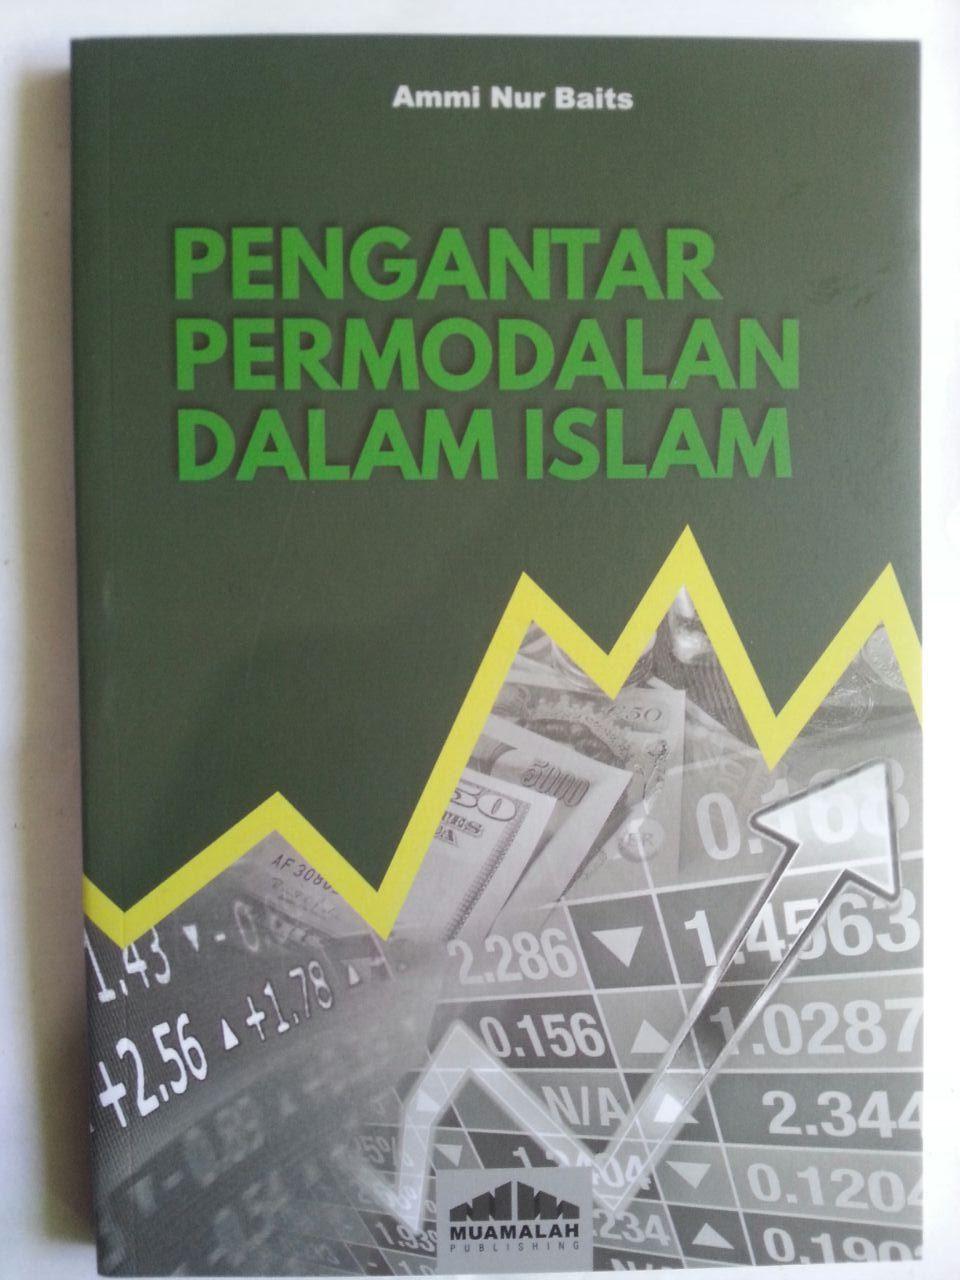 Buku Pengantar Permodalan Dalam Islam cover